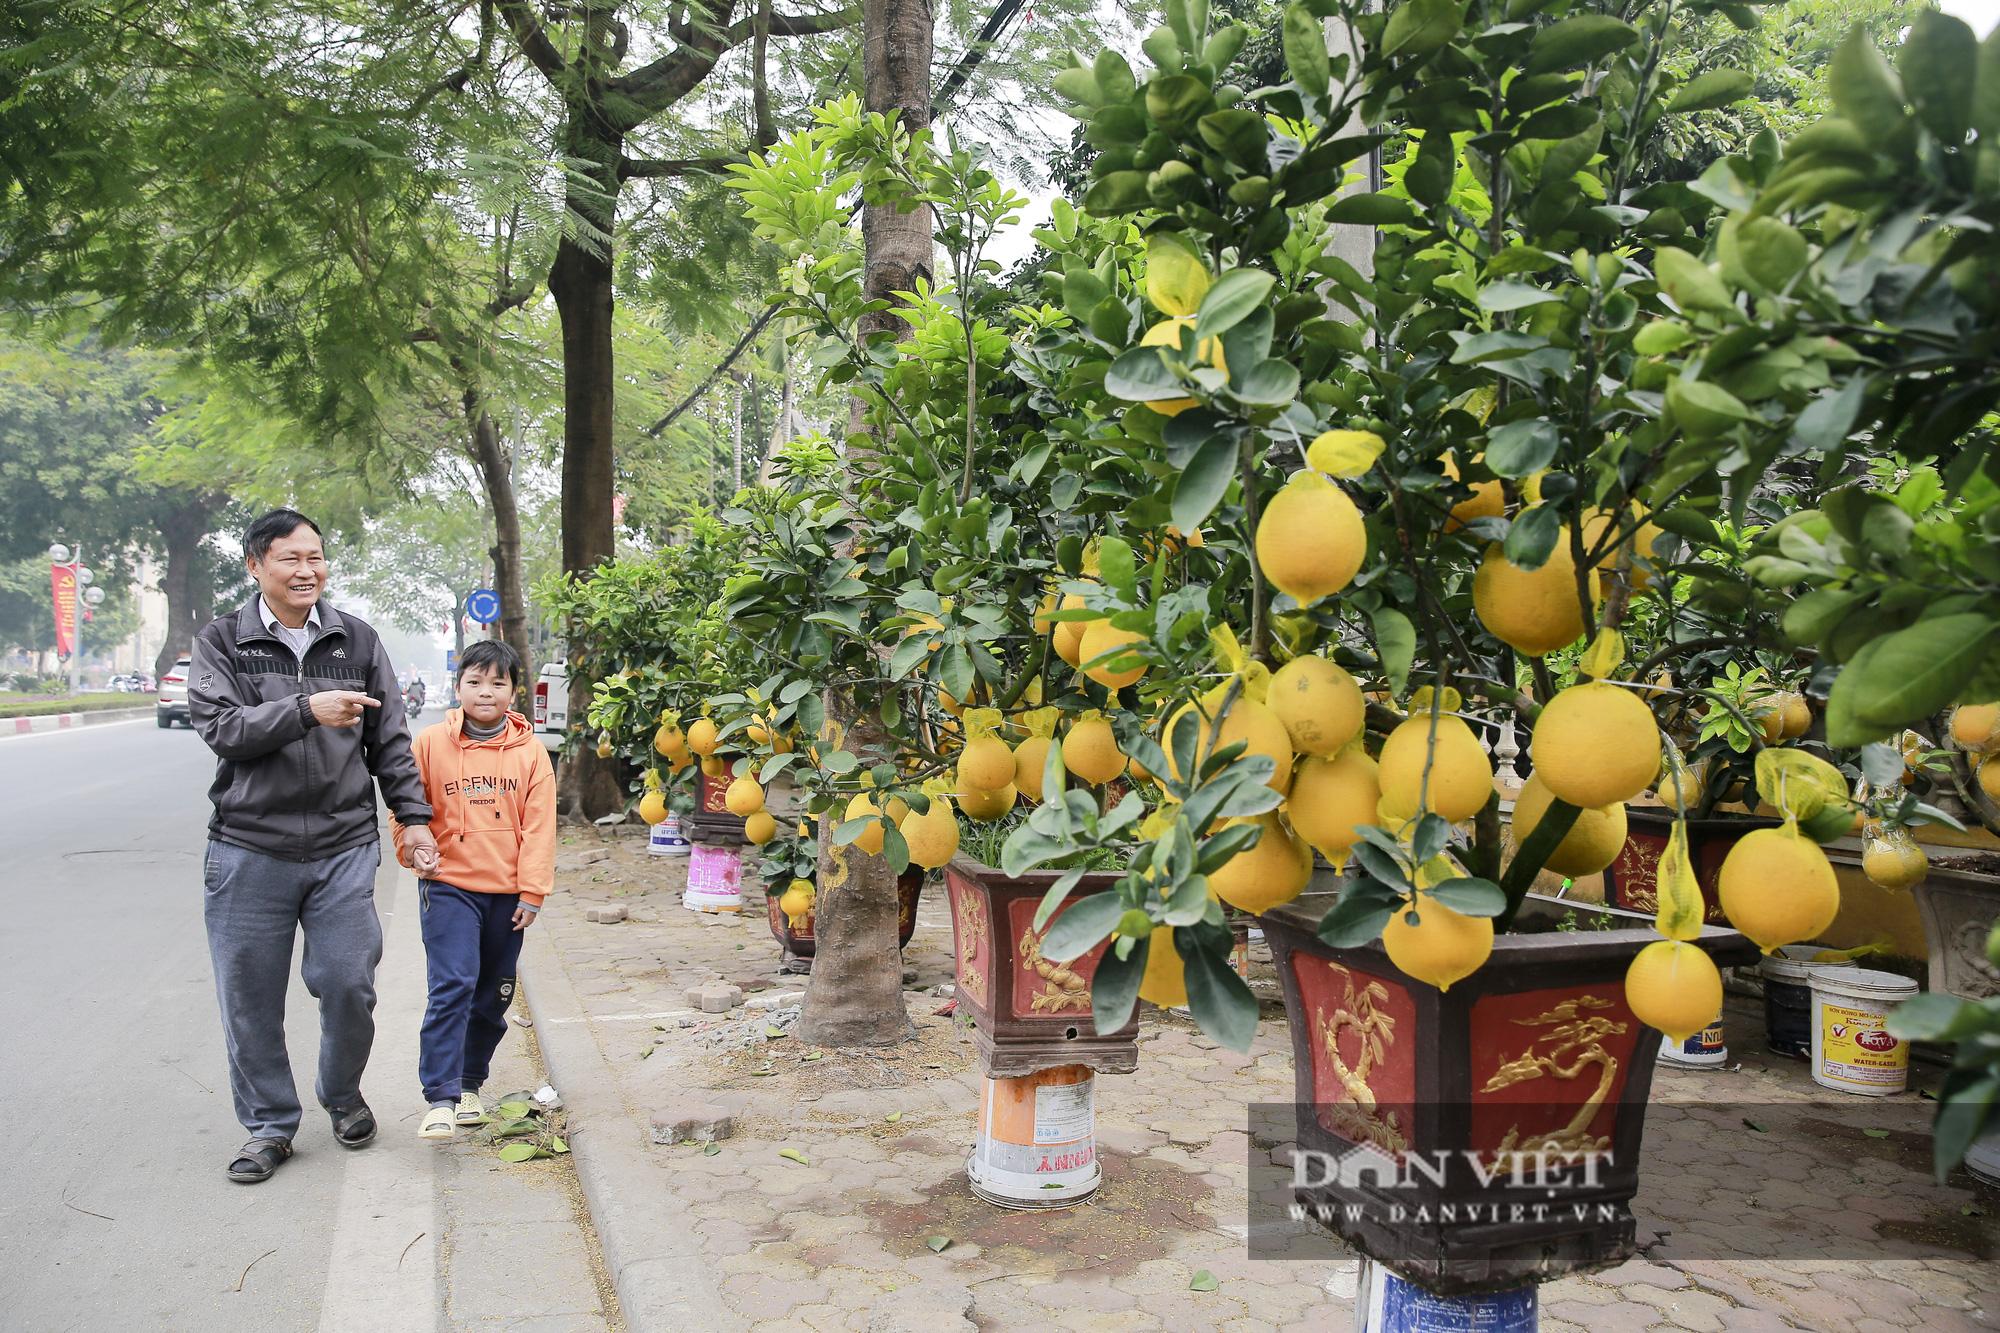 Bưởi cảnh trĩu quả giá chục triệu xuất hiện tại đường phố Hà Nội - Ảnh 9.